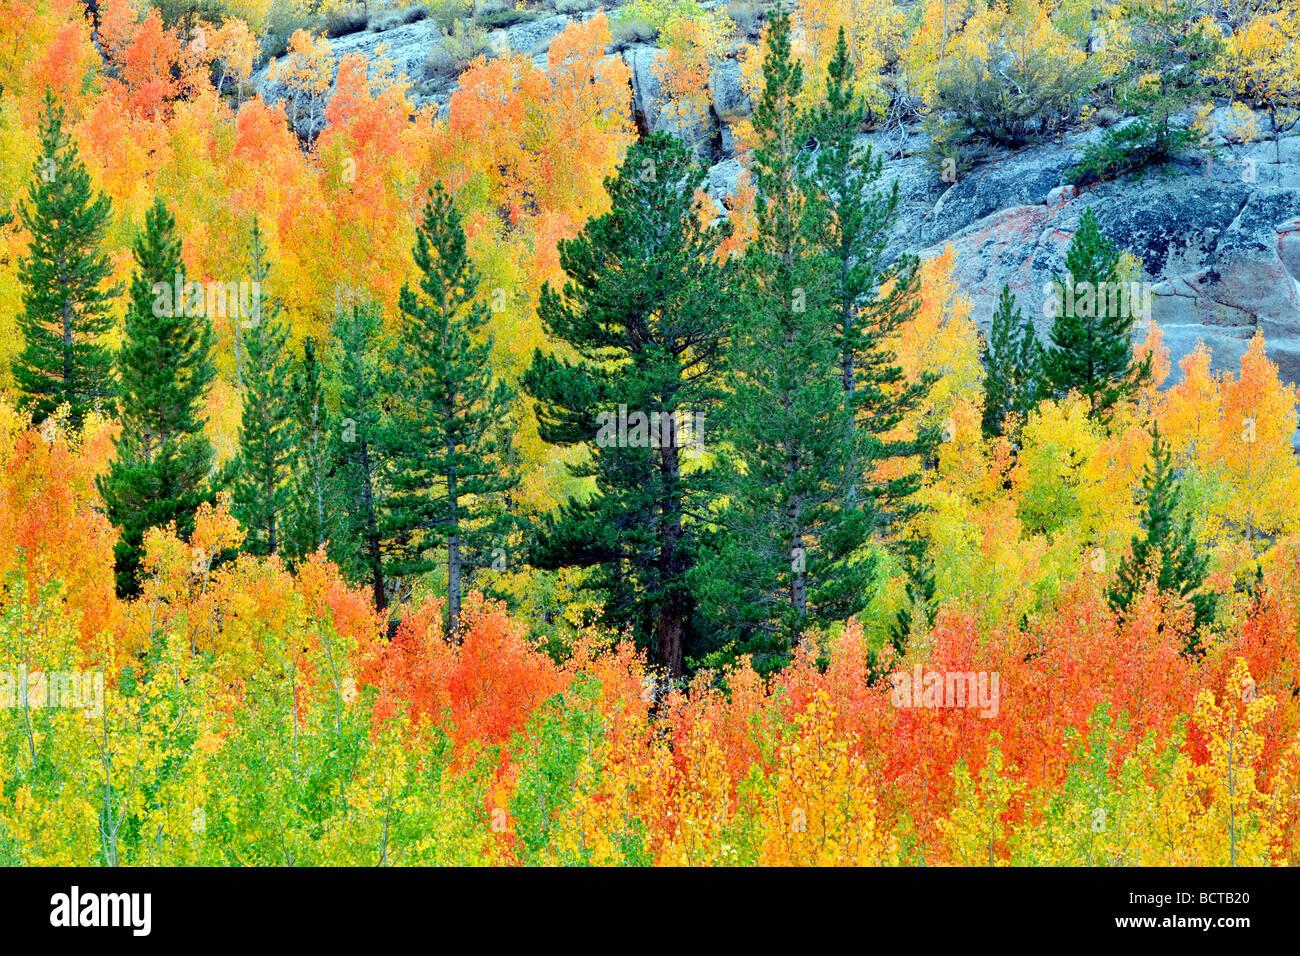 Foresta mista di aspens in autunno colori e abeti di Inyo National Forest in California Immagini Stock